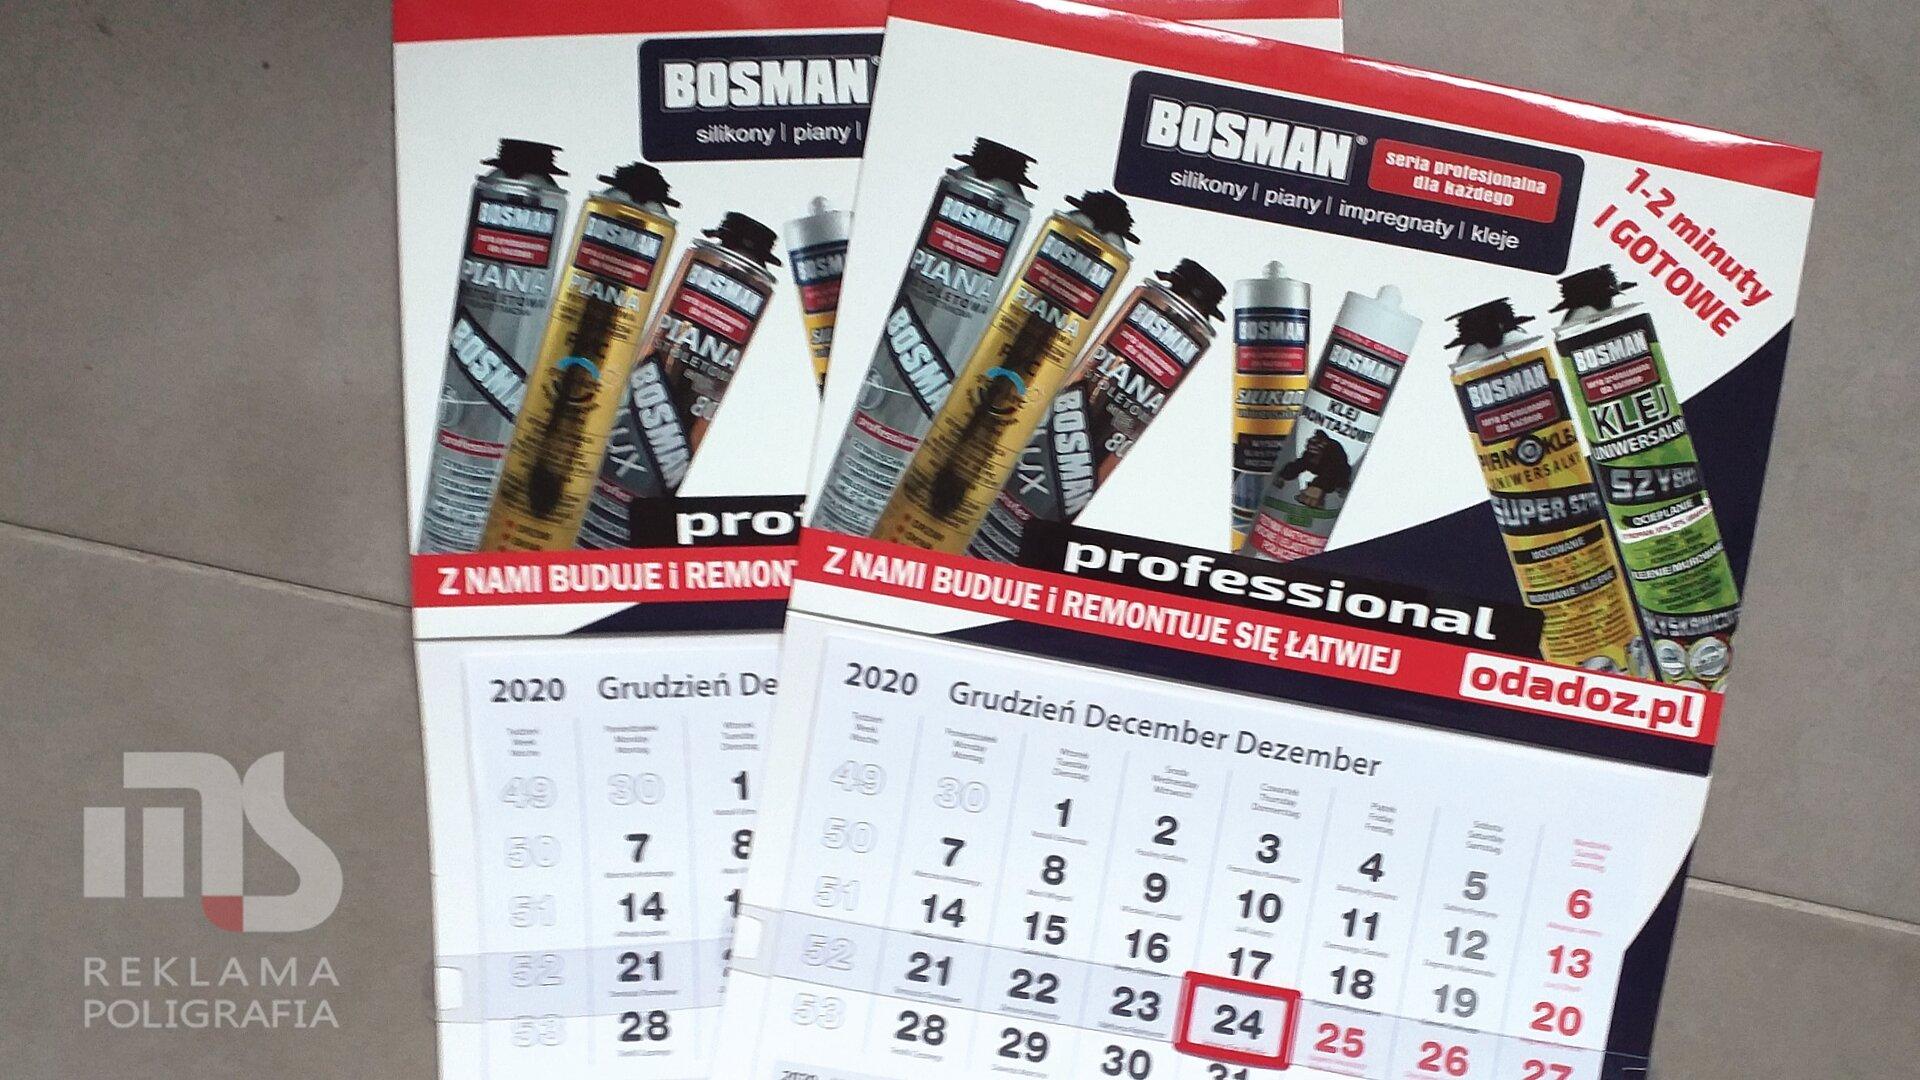 2021 9 druki -1920x1080 px- Bosman kalendarz